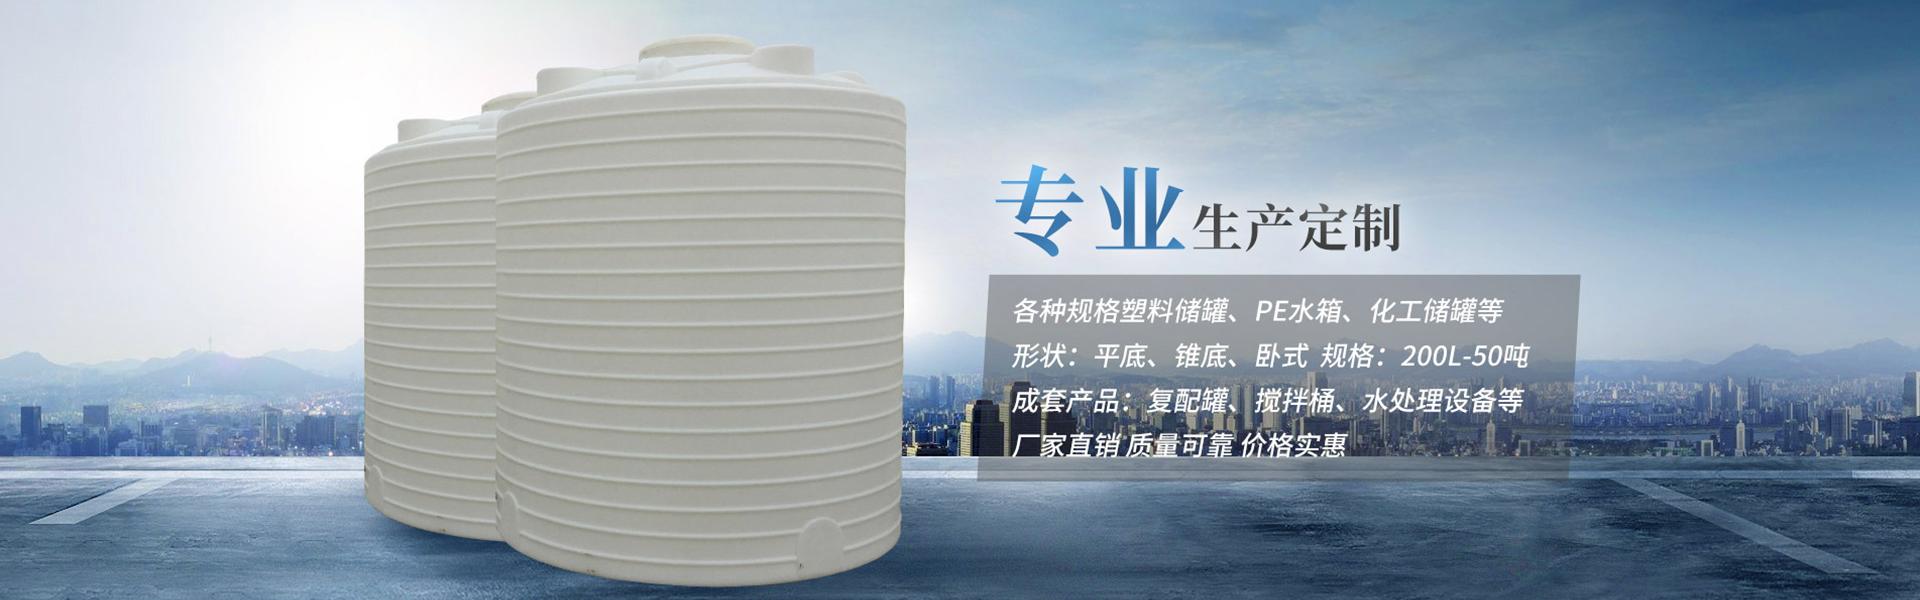 常州红宇轩塑料制品有限公司